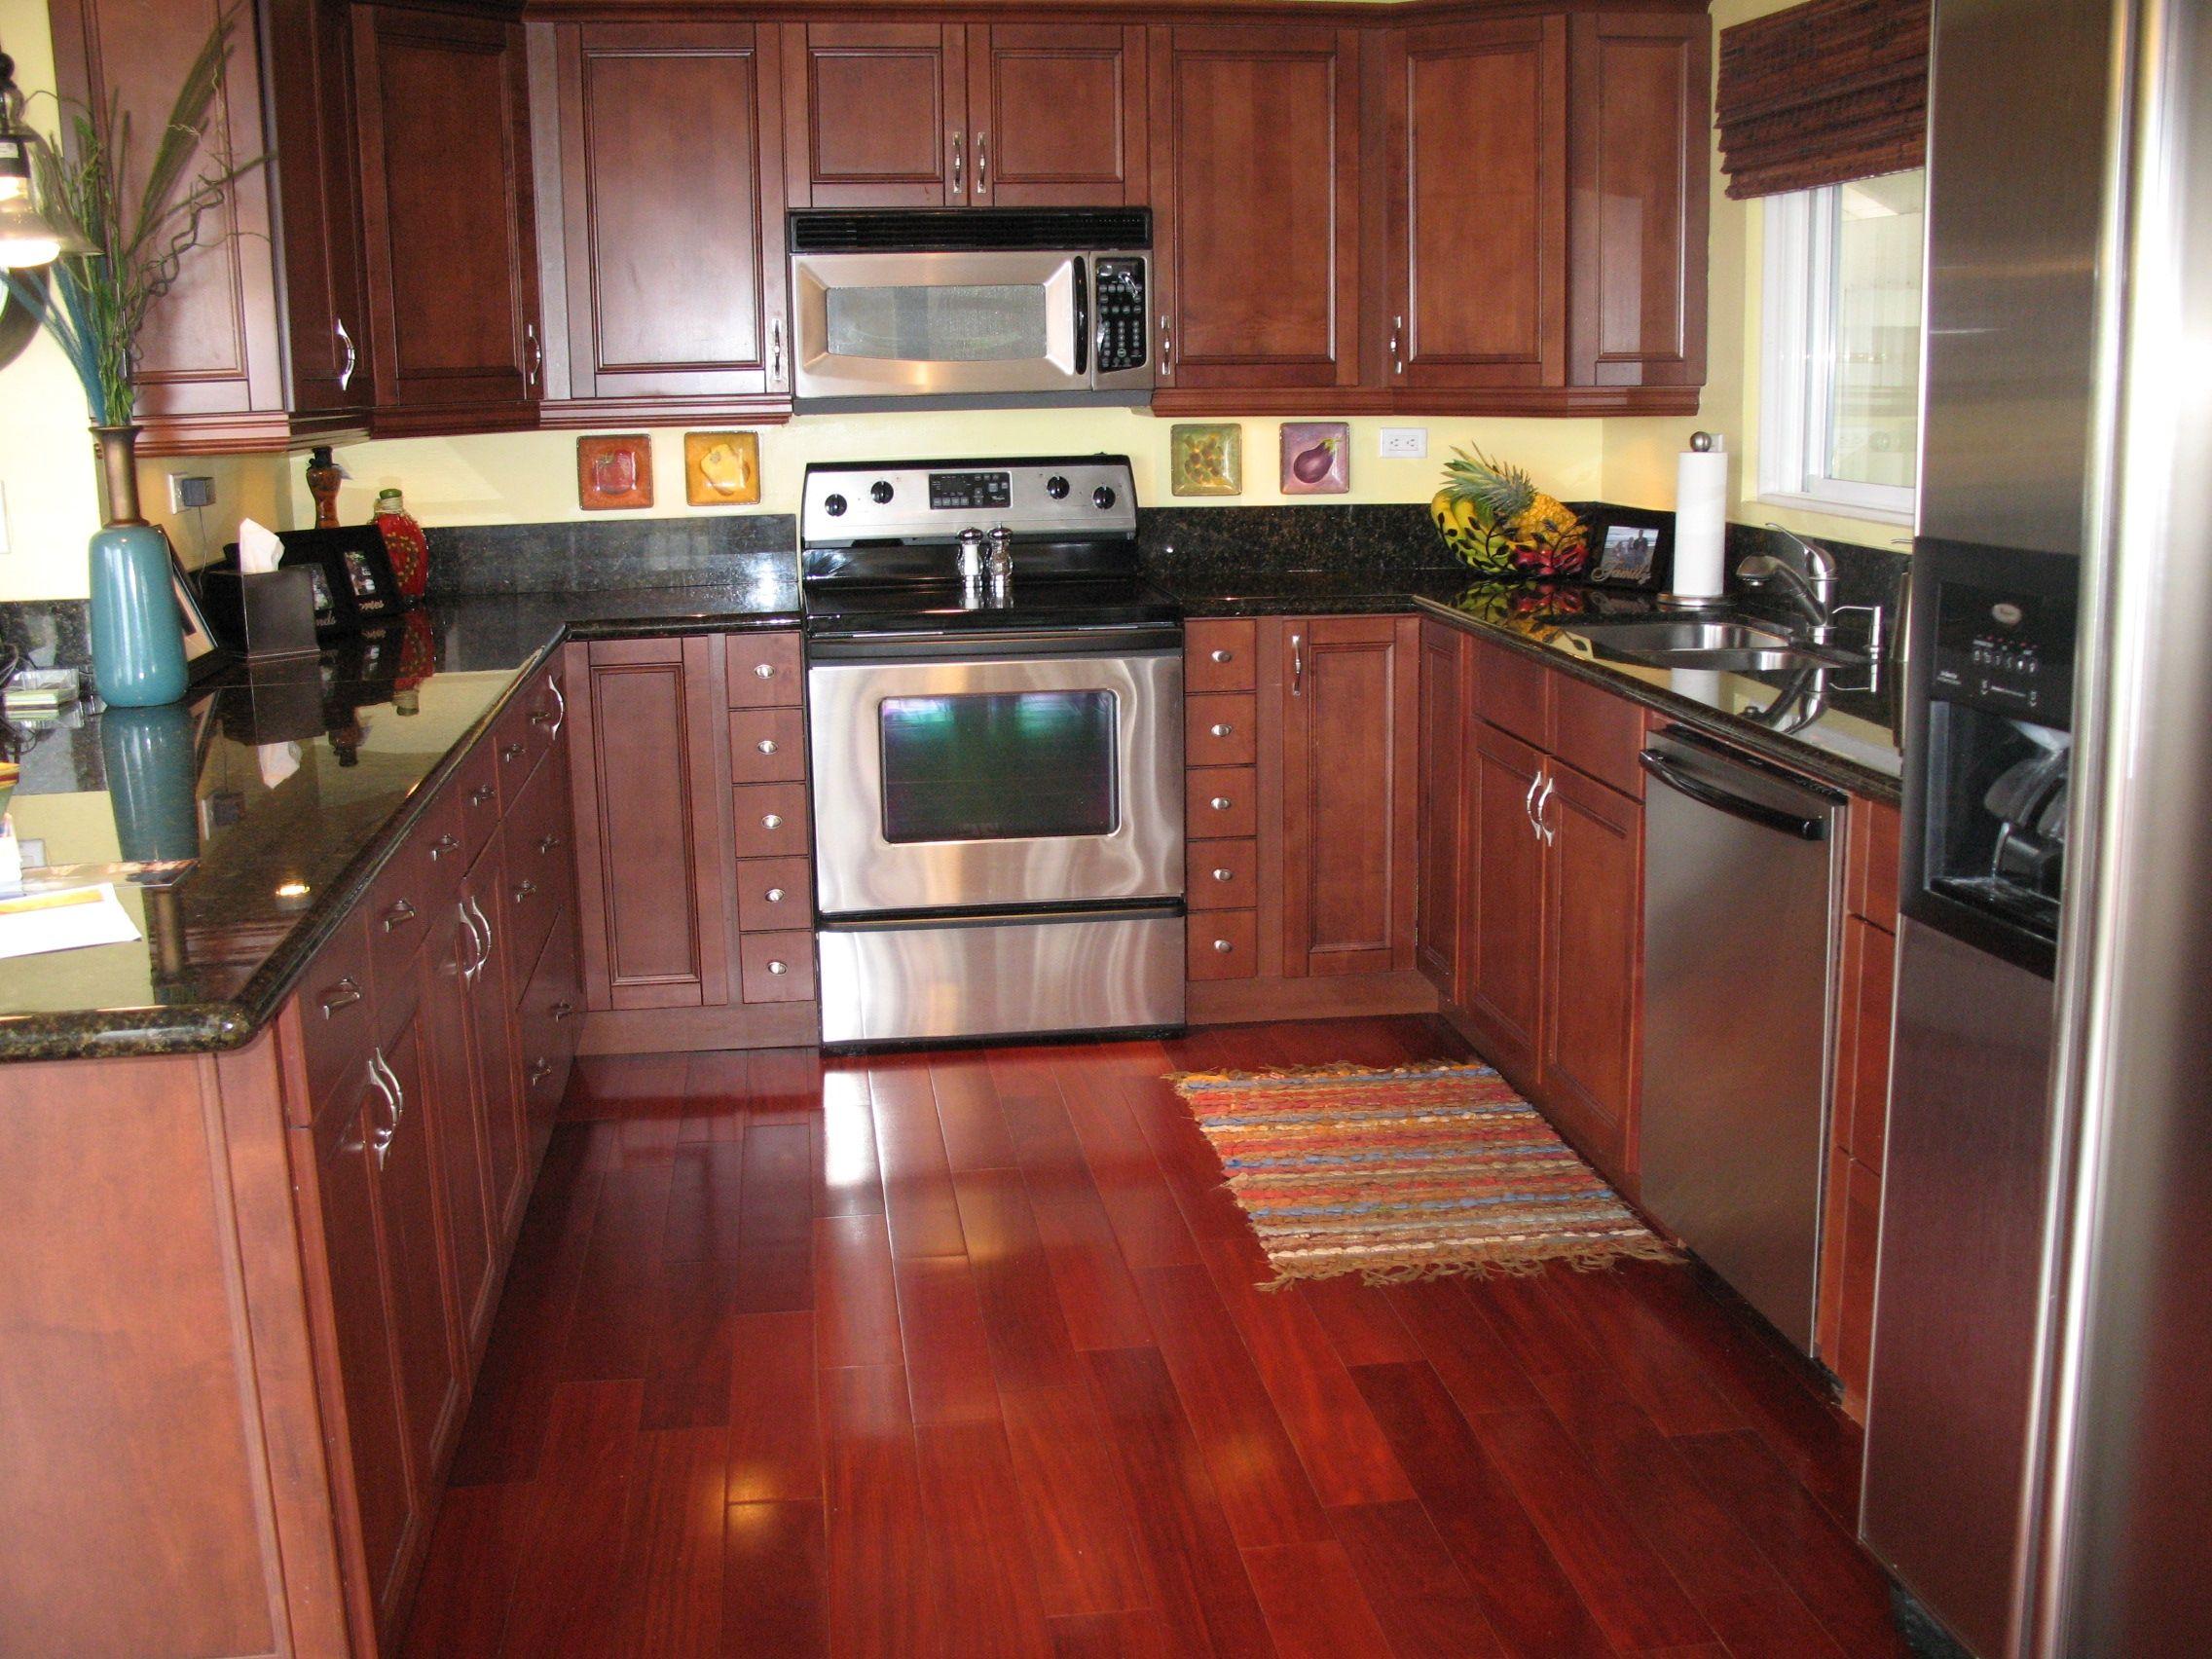 Basic kitchen cabinets  Kitchen Cherry Kitchen Cabinet With Black Granite Countertop In U